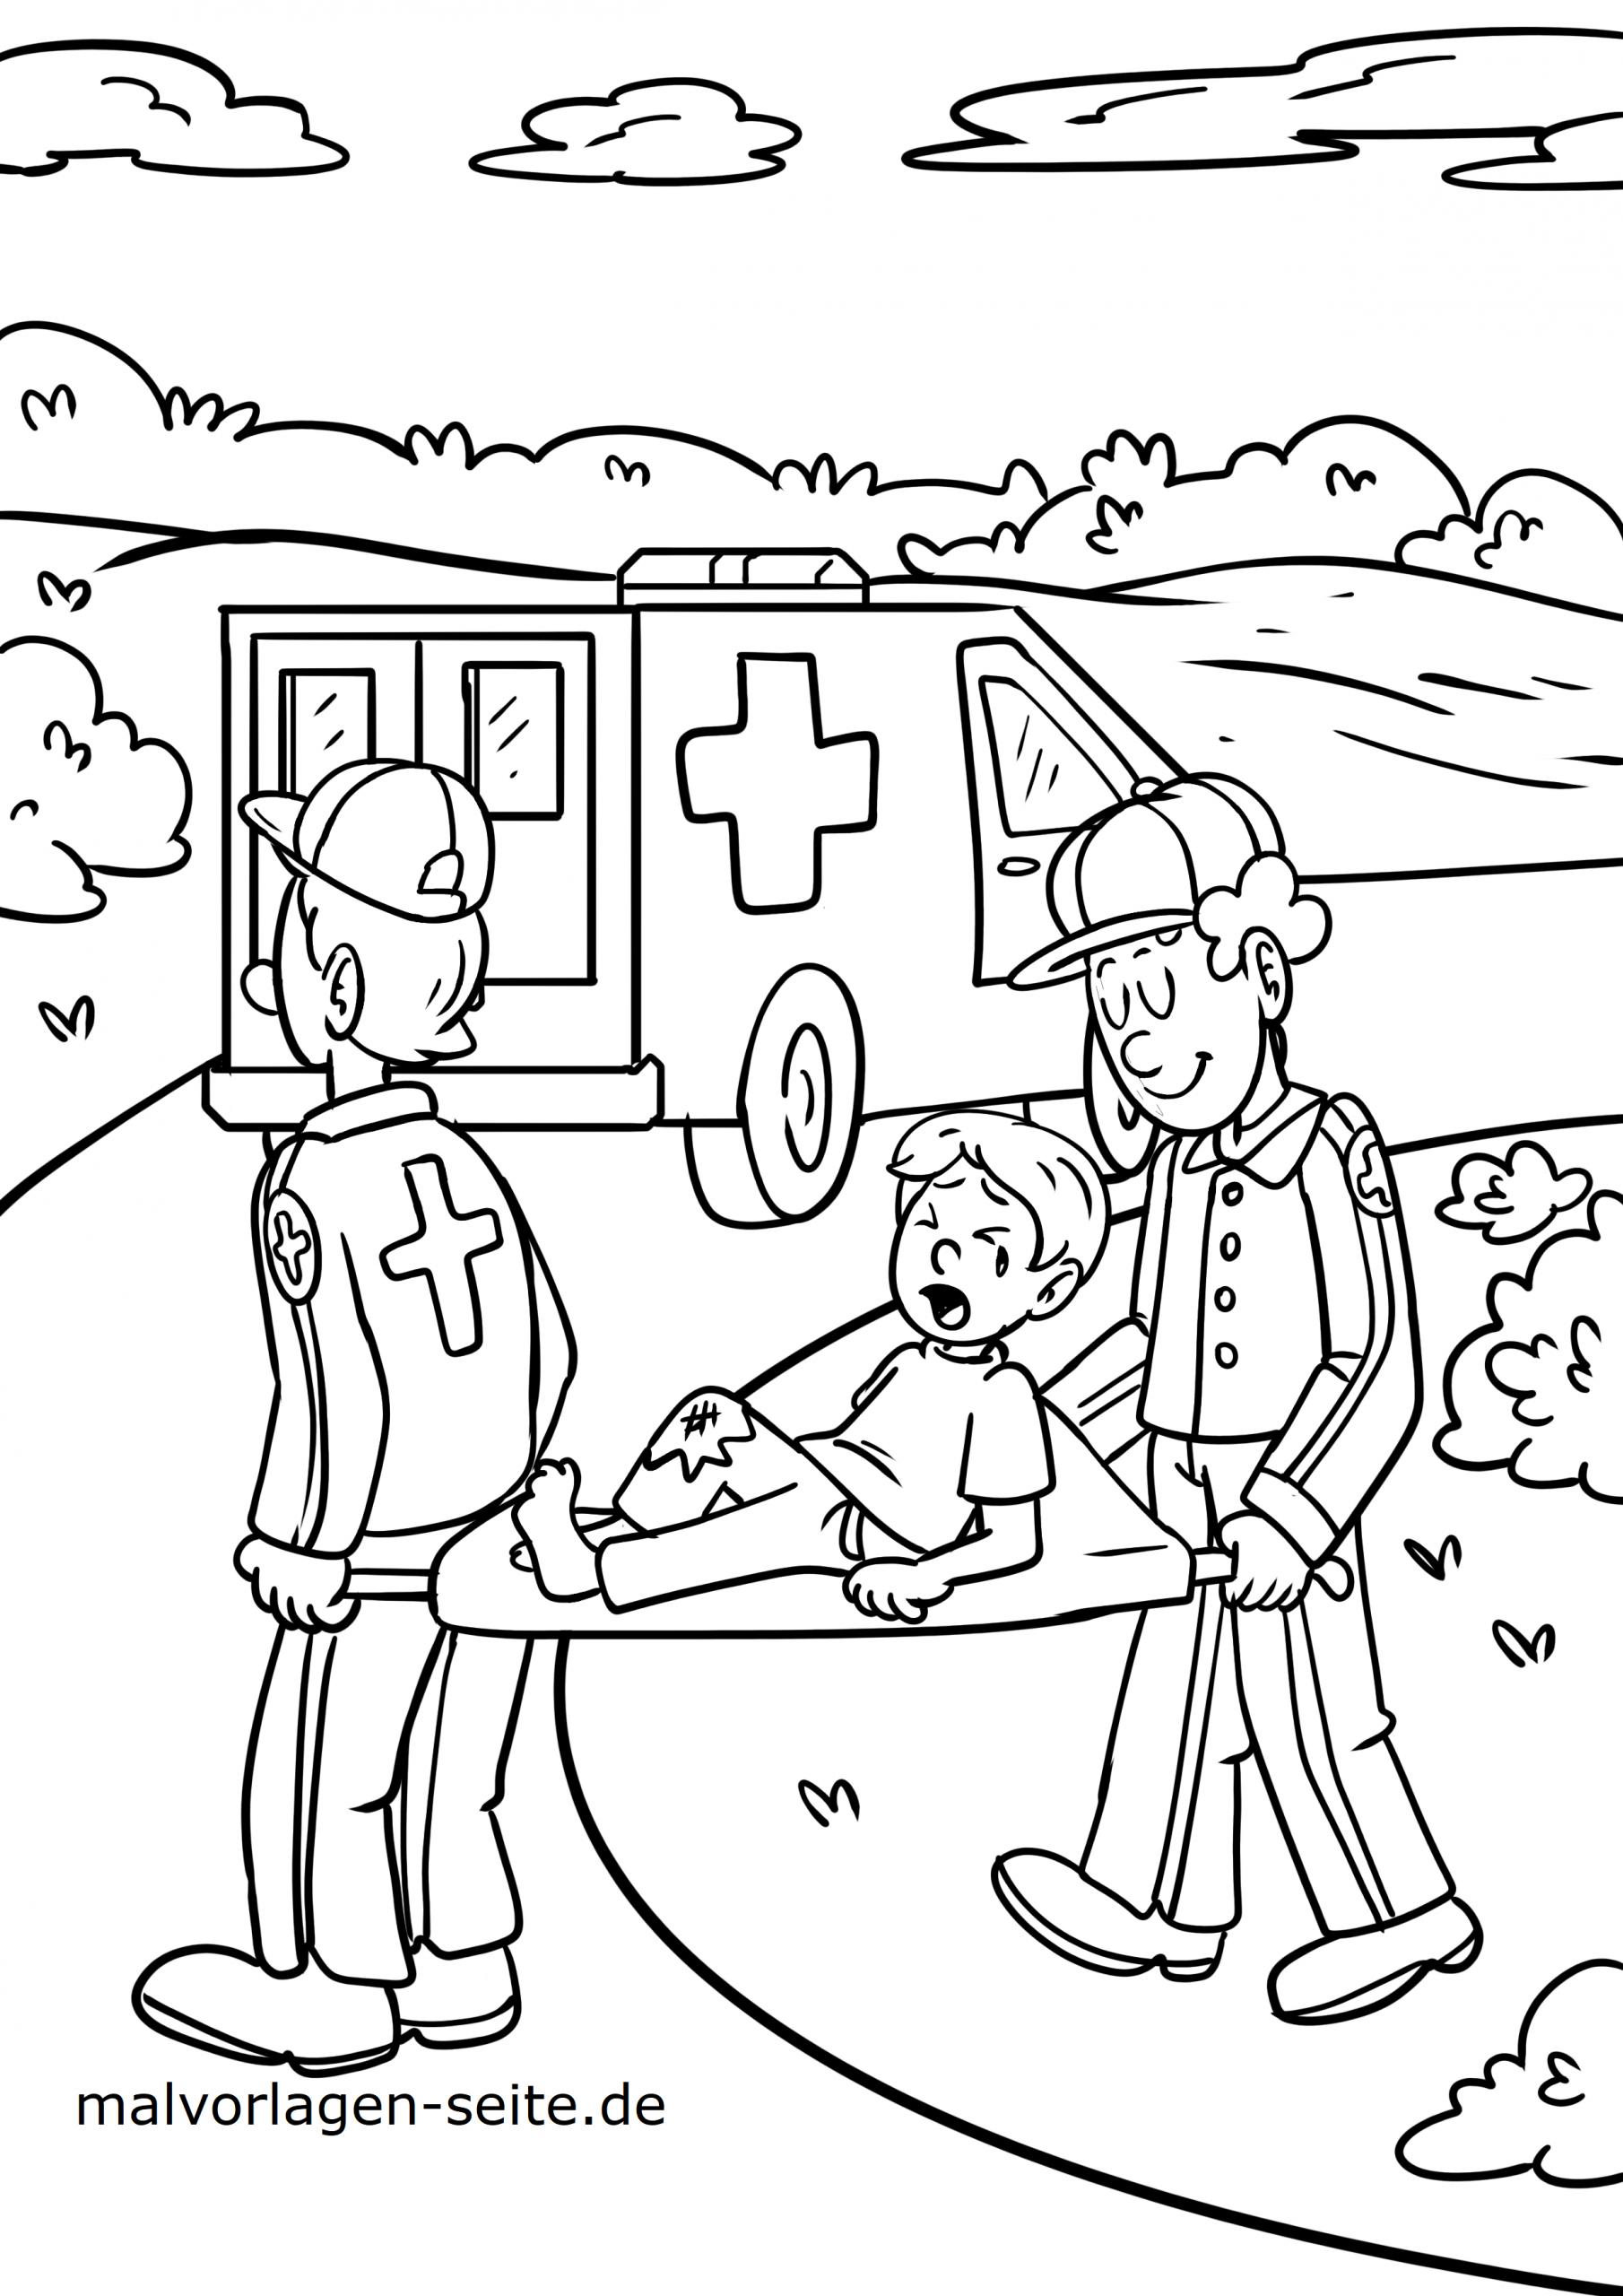 Malvorlage Arzt Sanitäter - Ausmalbilder Kostenlos Herunterladen bestimmt für Krankenwagen Ausmalbild